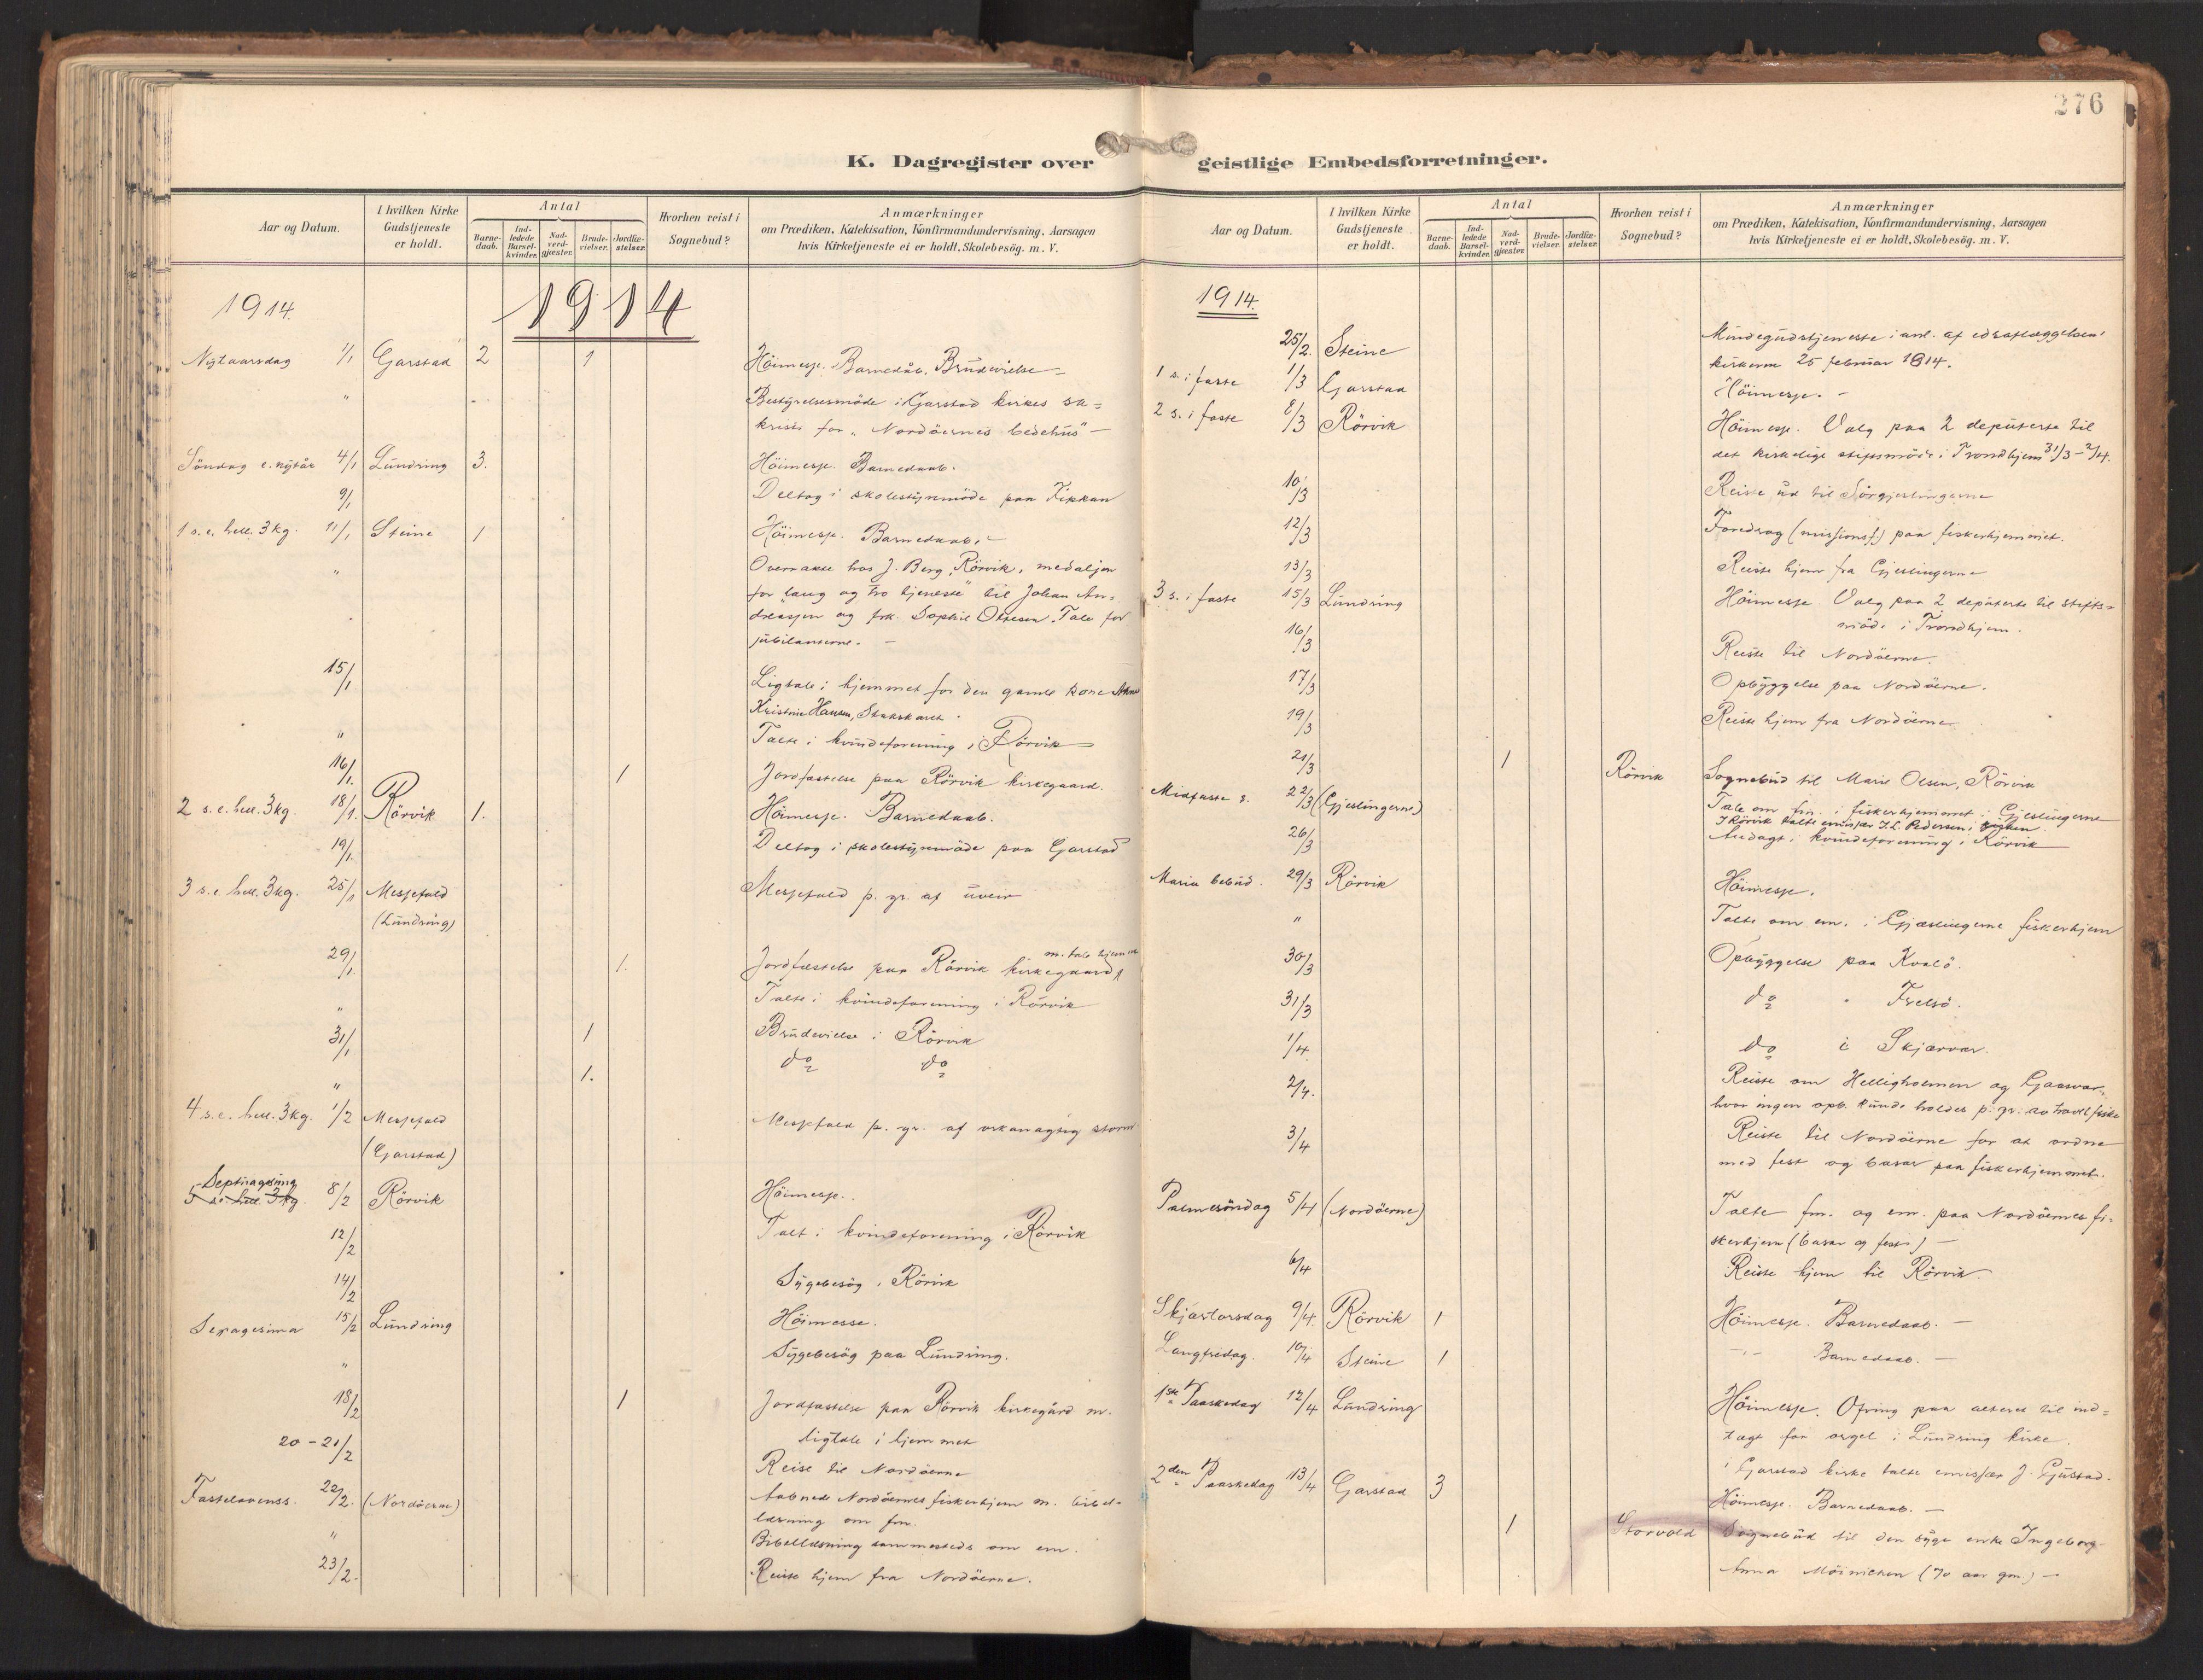 SAT, Ministerialprotokoller, klokkerbøker og fødselsregistre - Nord-Trøndelag, 784/L0677: Ministerialbok nr. 784A12, 1900-1920, s. 276